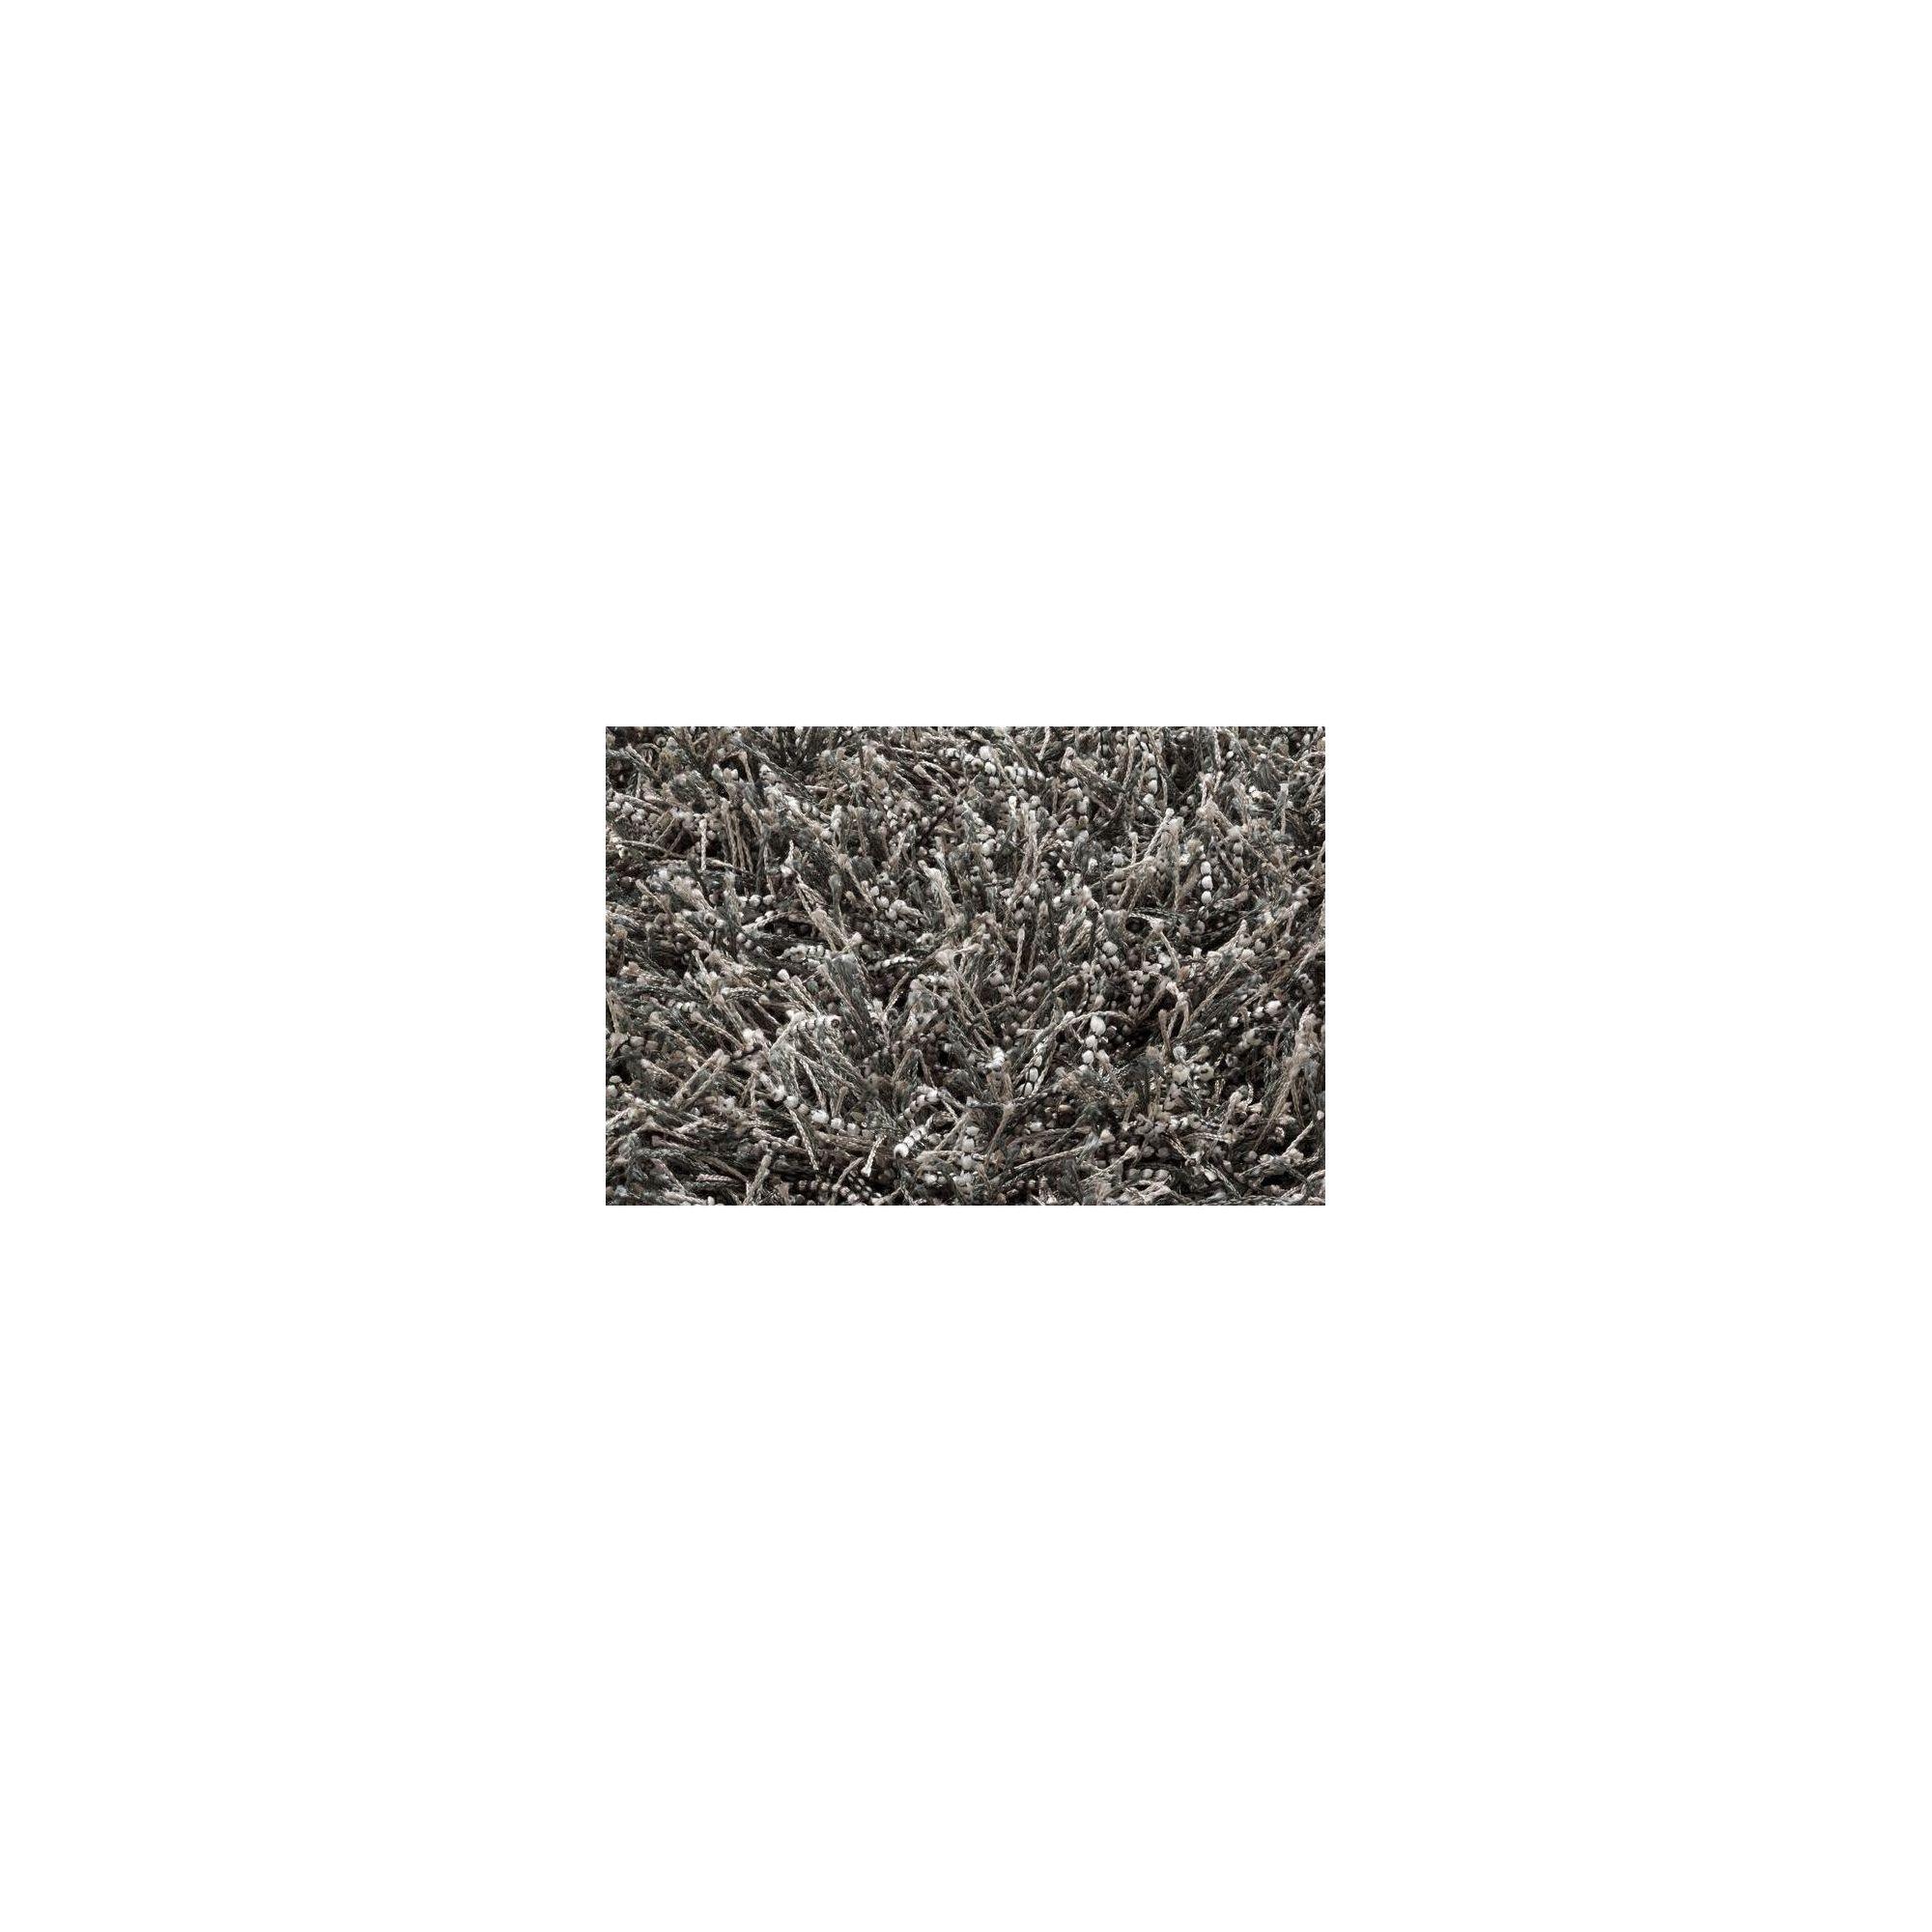 Linie Design Sprinkle Dark Grey Shag Rug - 300cm x 200cm at Tesco Direct